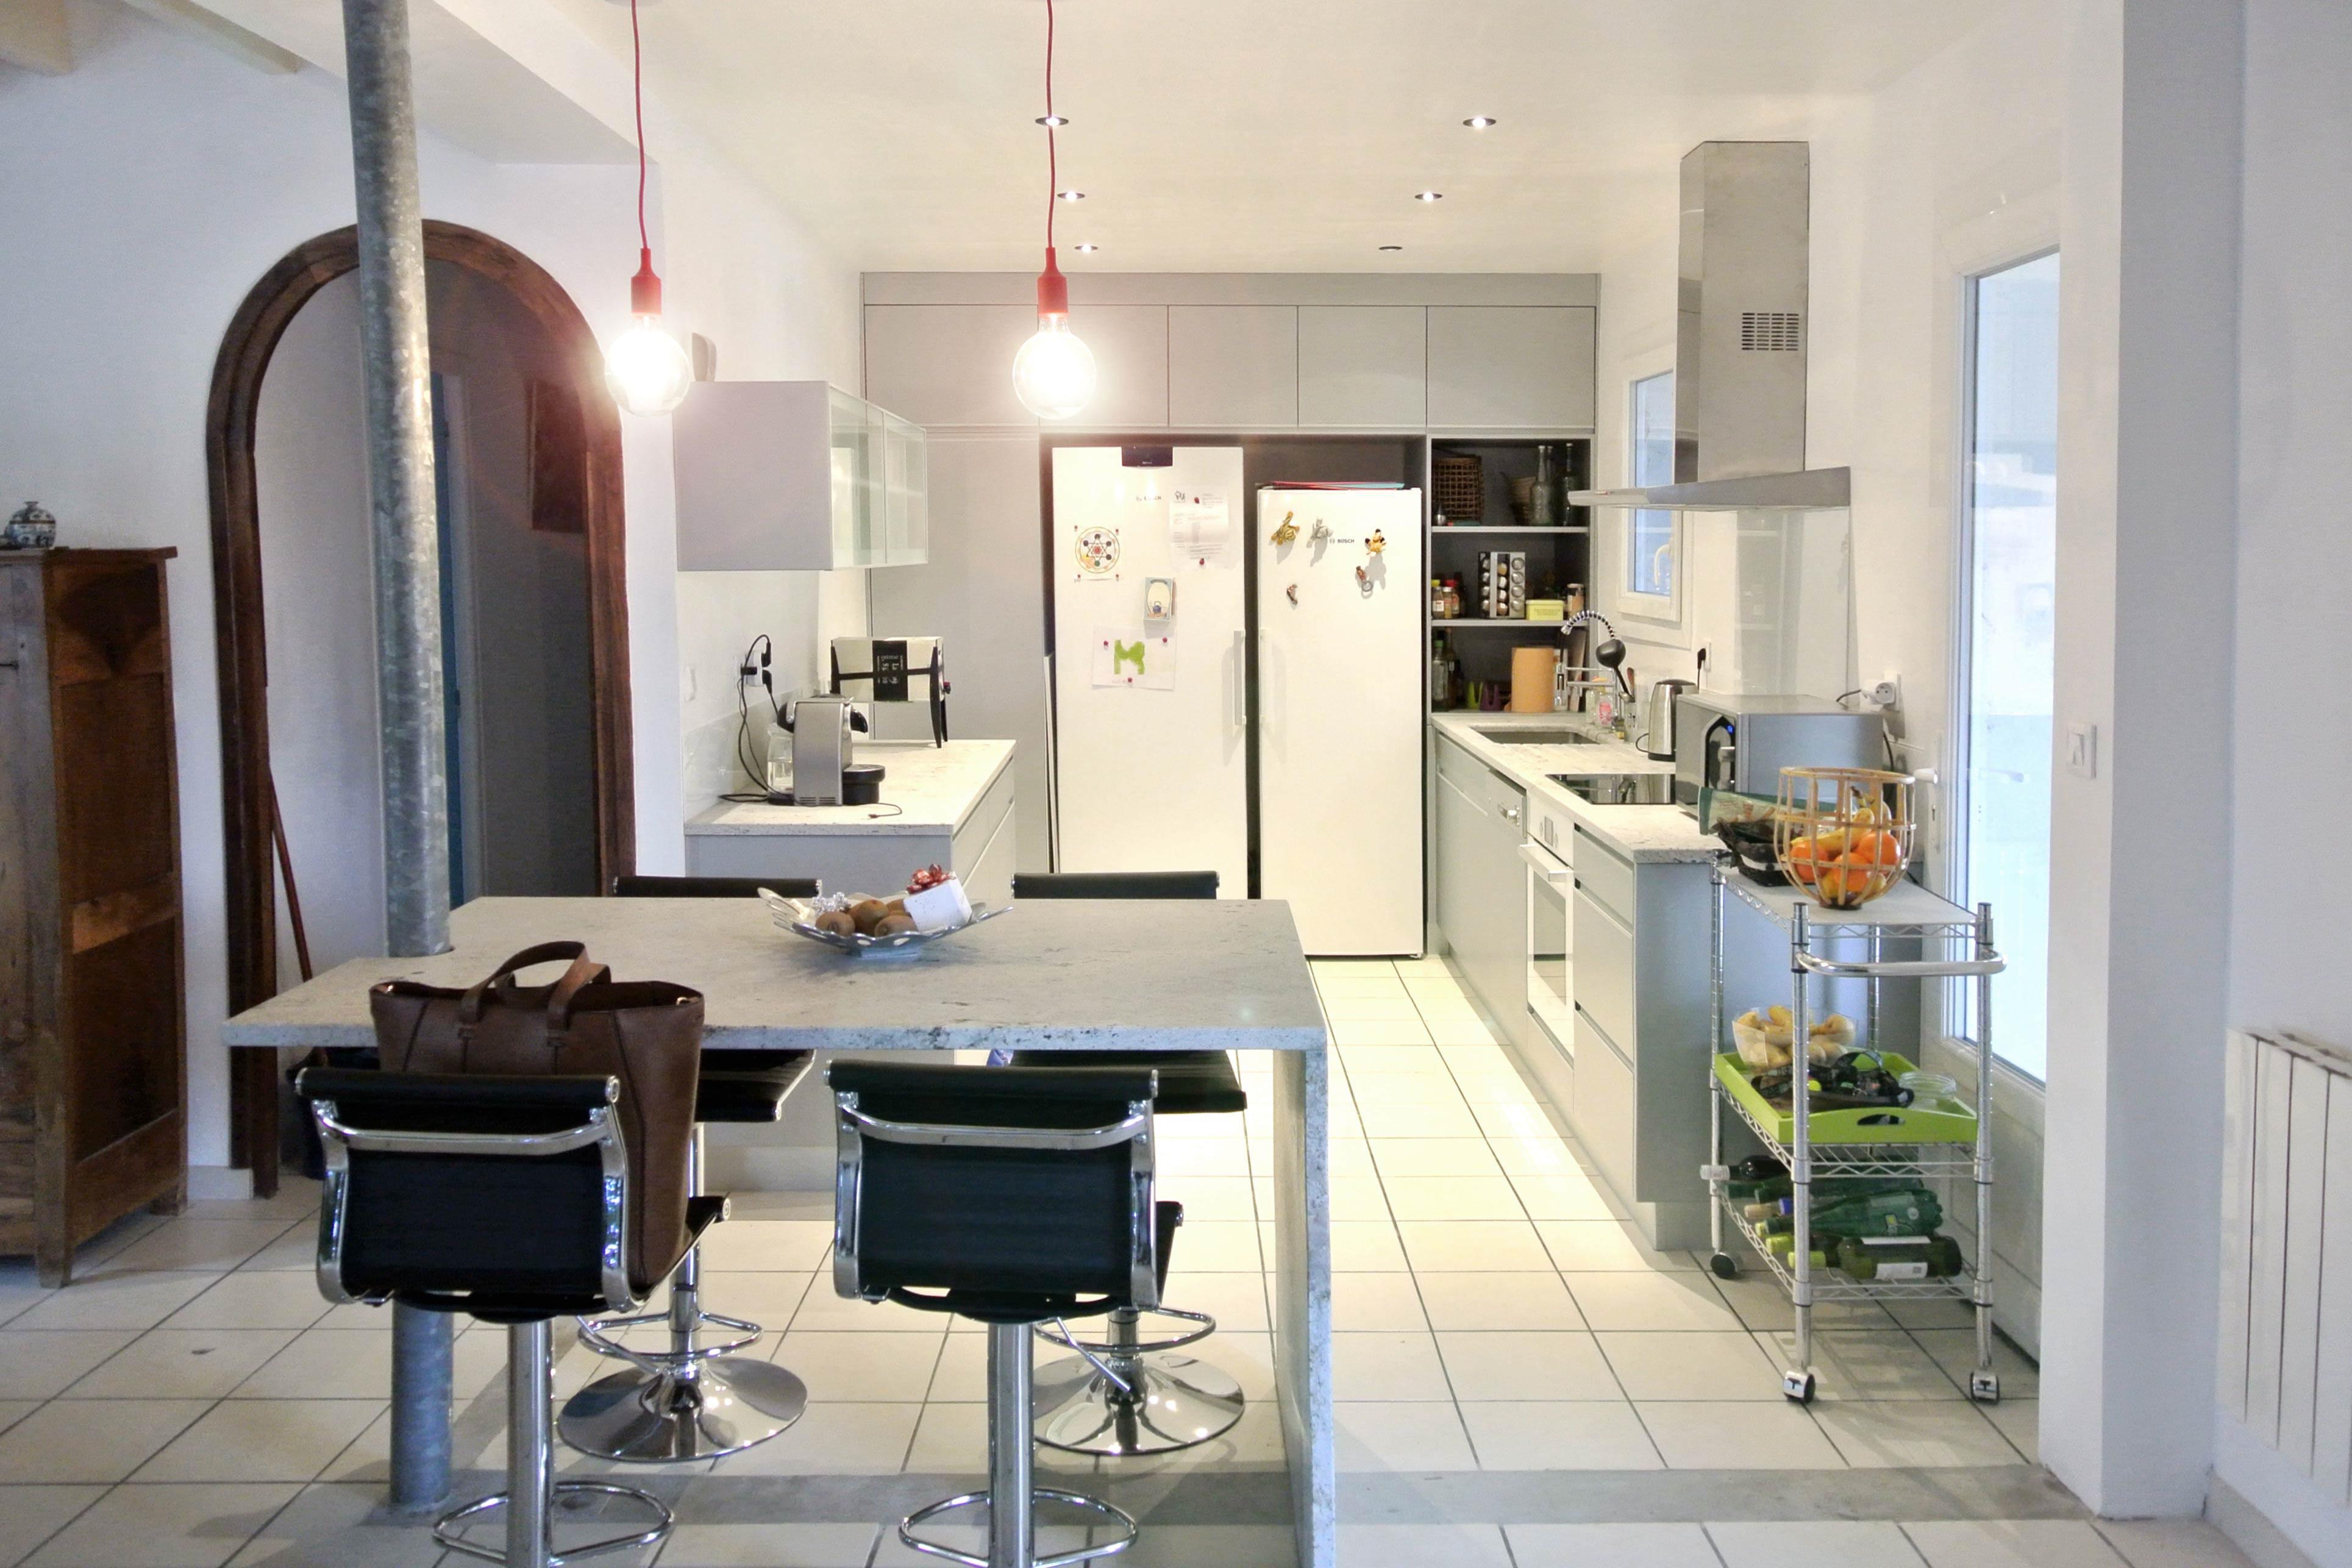 cuisine angresse nouvelles substances. Black Bedroom Furniture Sets. Home Design Ideas